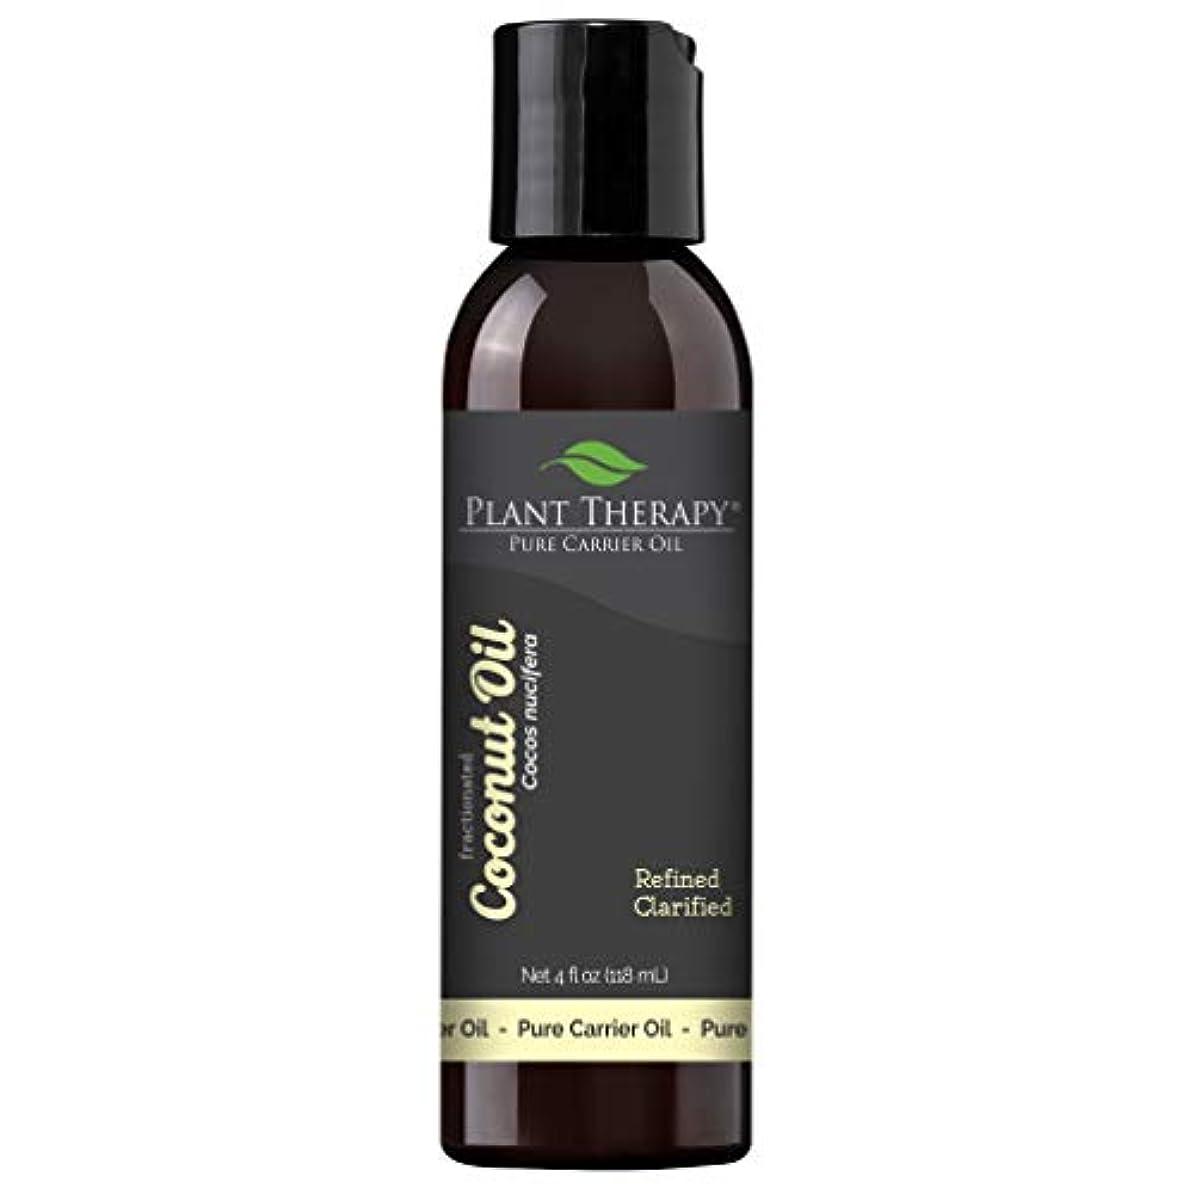 インゲンなる活力Plant Therapy Essential Oils (プラントセラピー エッセンシャルオイル) ココナッツ (分別蒸留) 4 オンス キャリアオイル